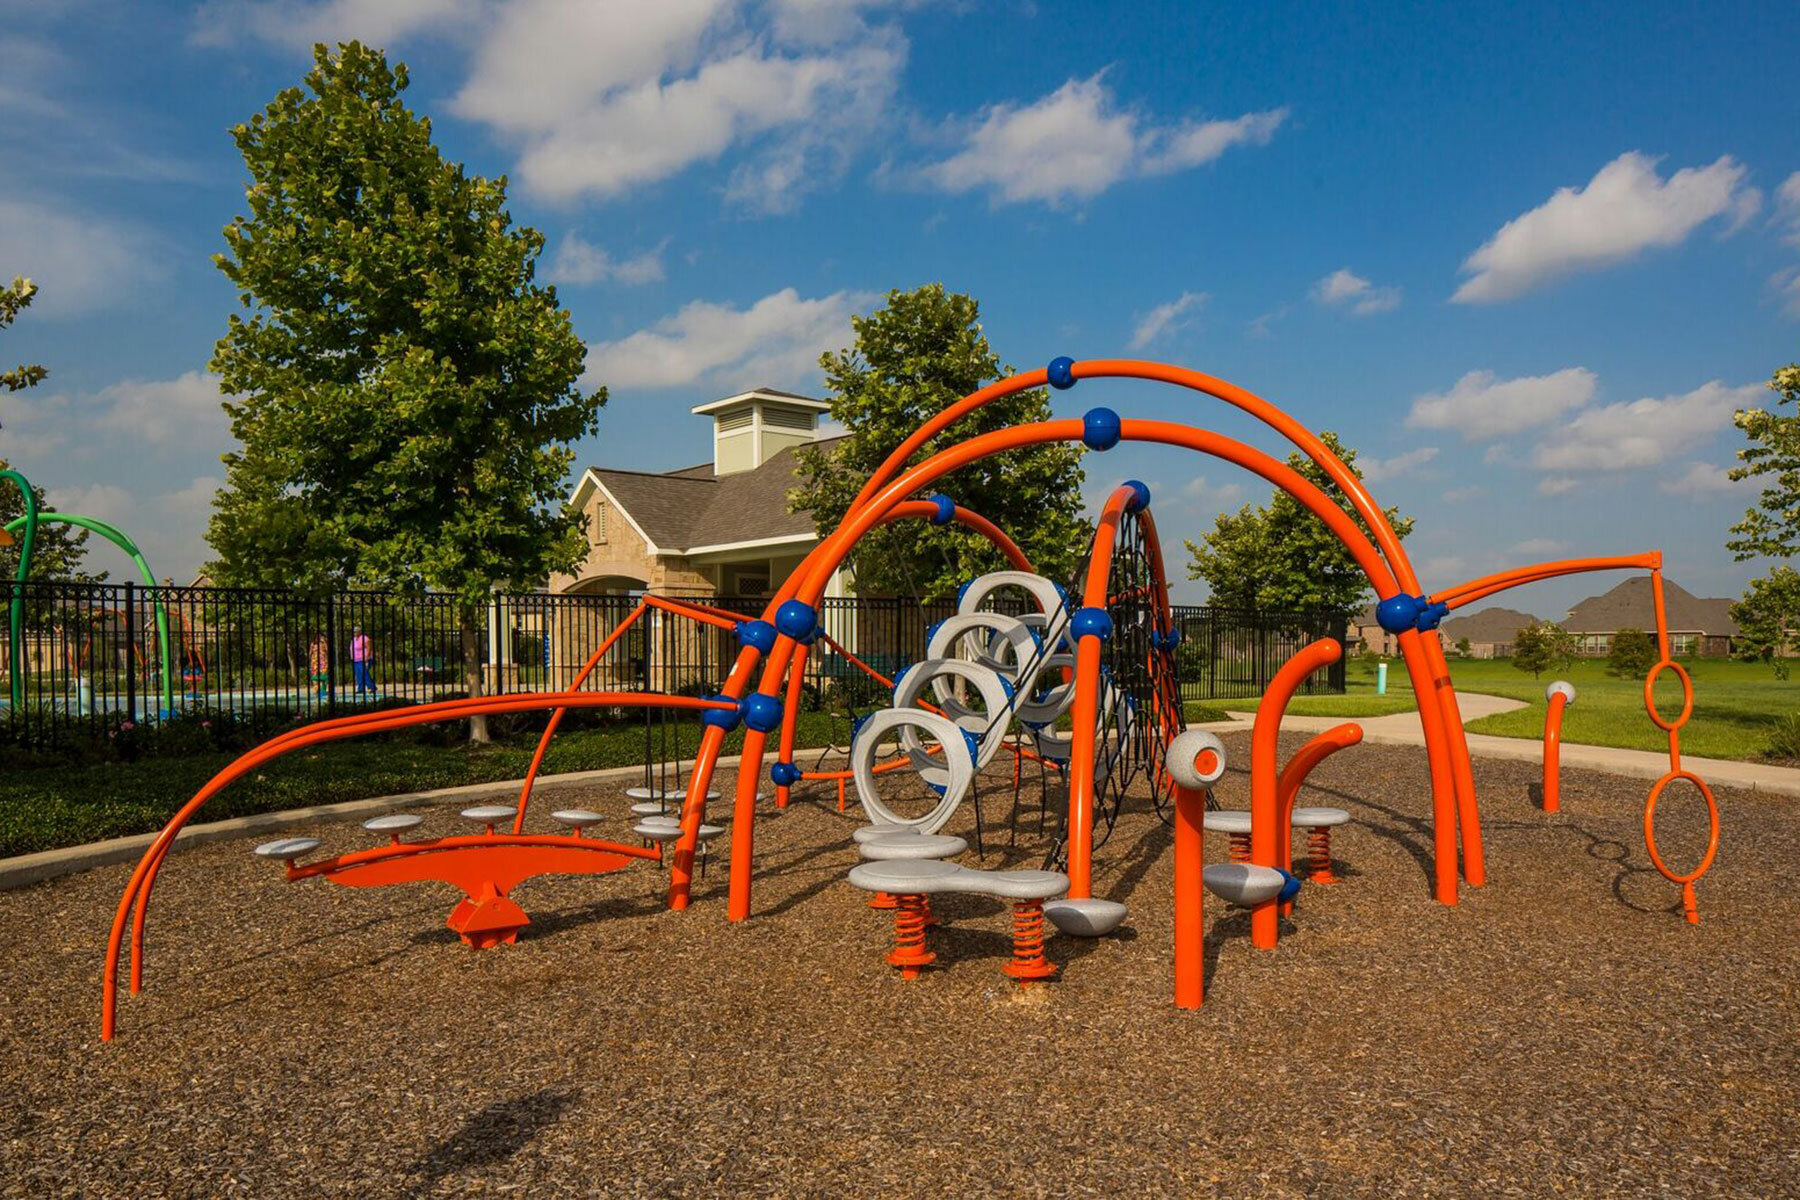 Lakes of Savannah Playground